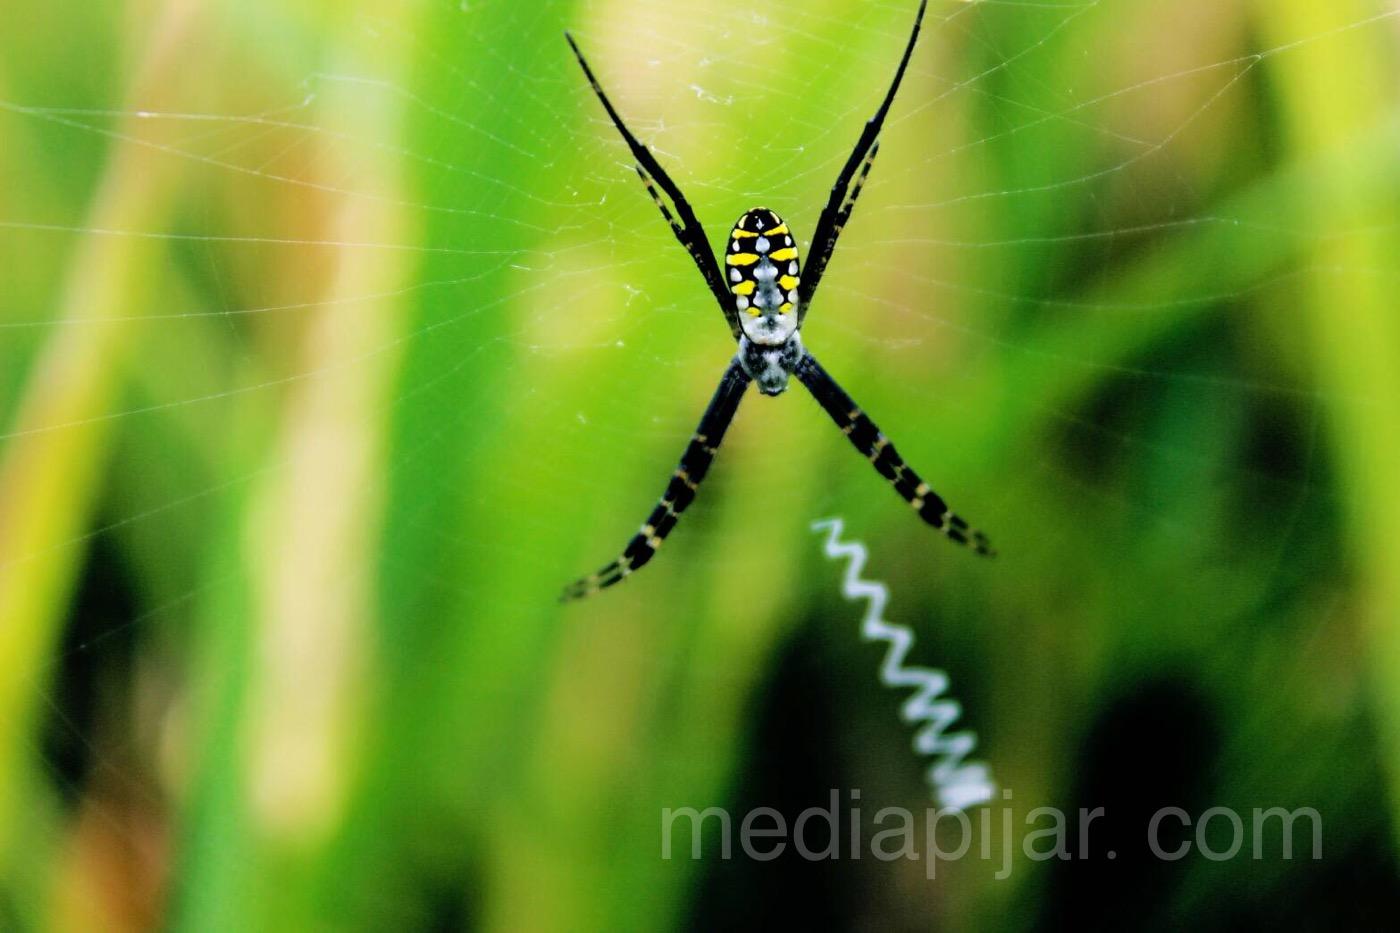 'Laba-laba dengan jaring-jaringnya'. (Fotografer: Dita Andriani)